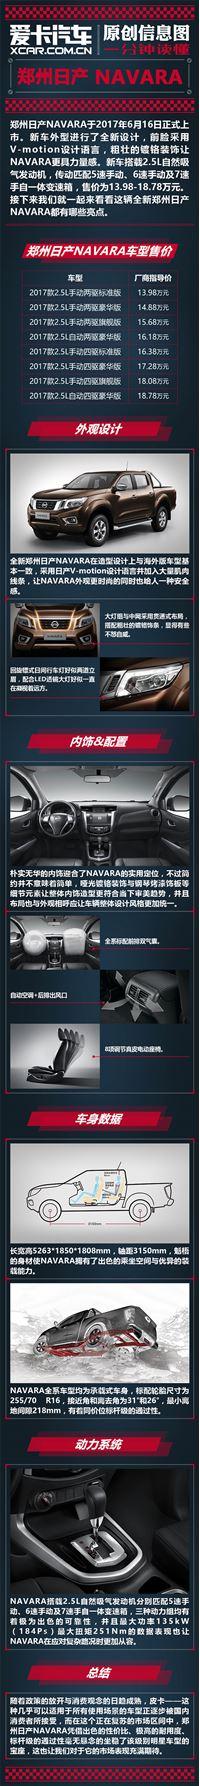 爱卡信息图 一分钟读懂郑州日产NAVARA